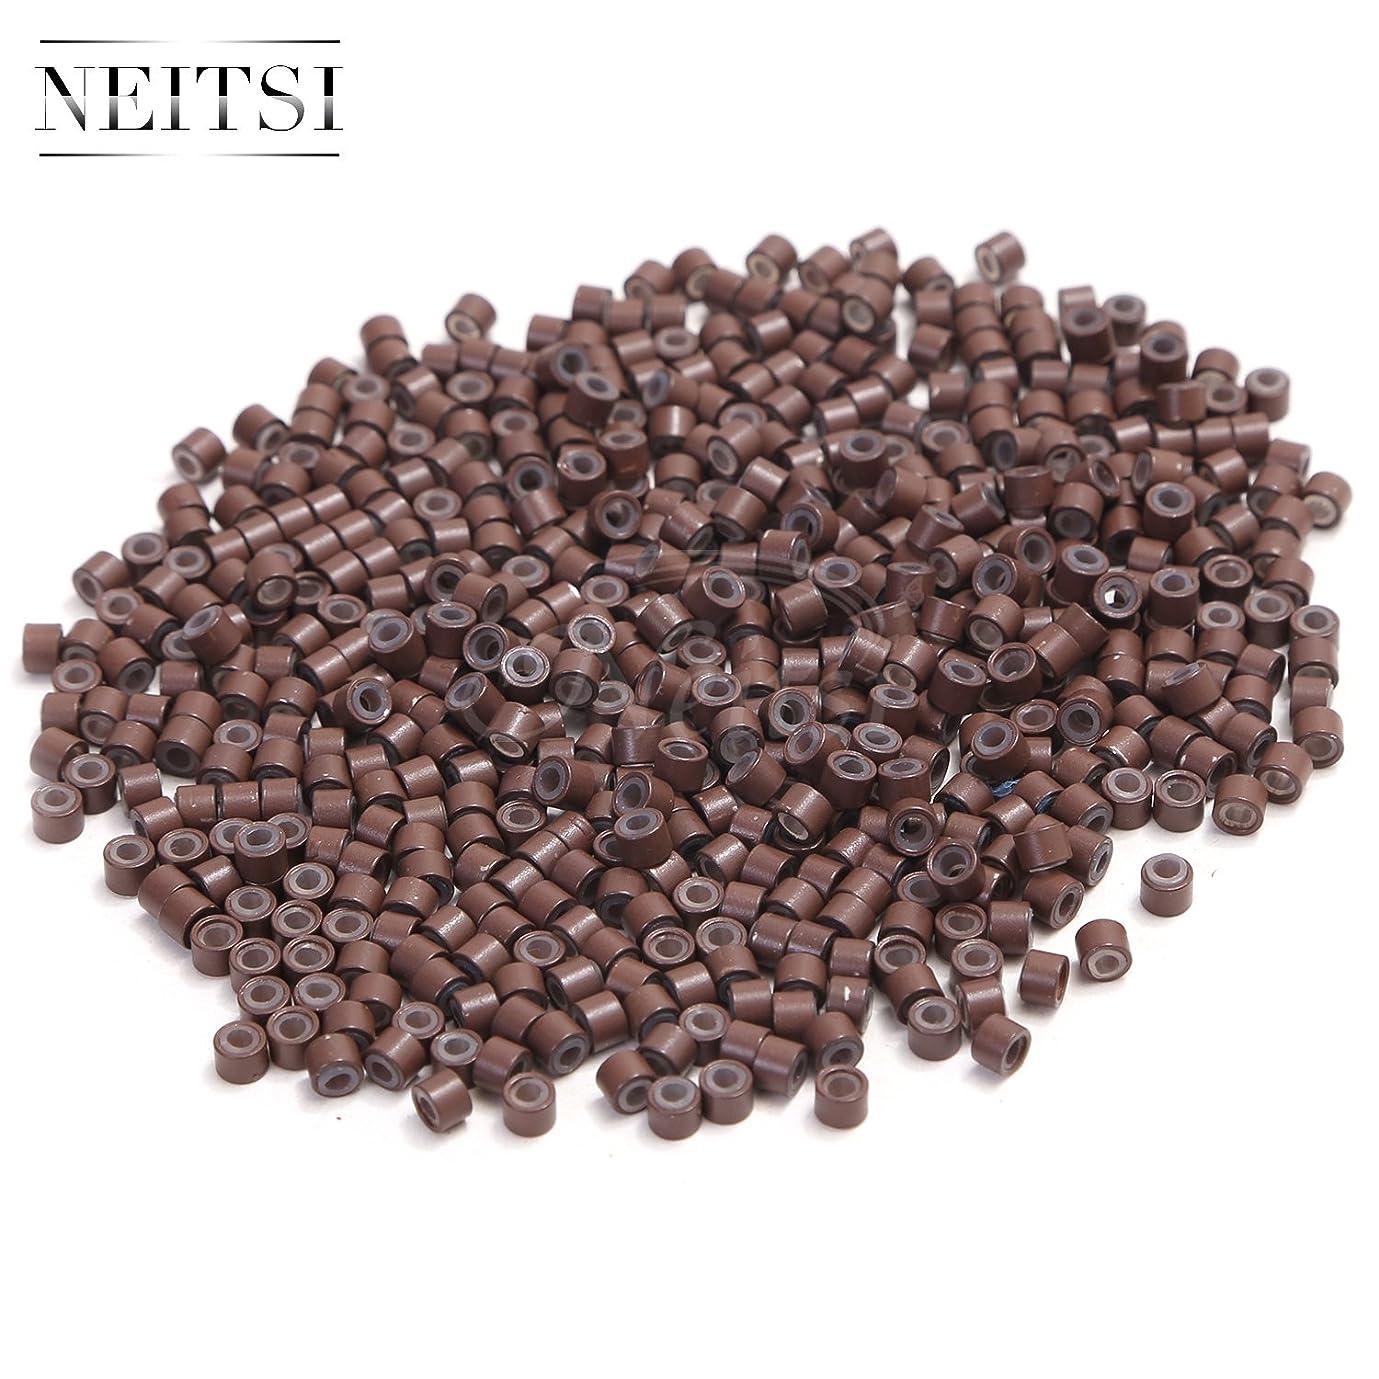 楕円形寝る中間Neitsi(ネイティス)エクステ用シリコーンビーズ スクリューチップ エクステ用チップ ウィッグ用マイクロリング 輪 エクステツール シリコーン リング 直径約4mm 5色選択 500粒 (brown)